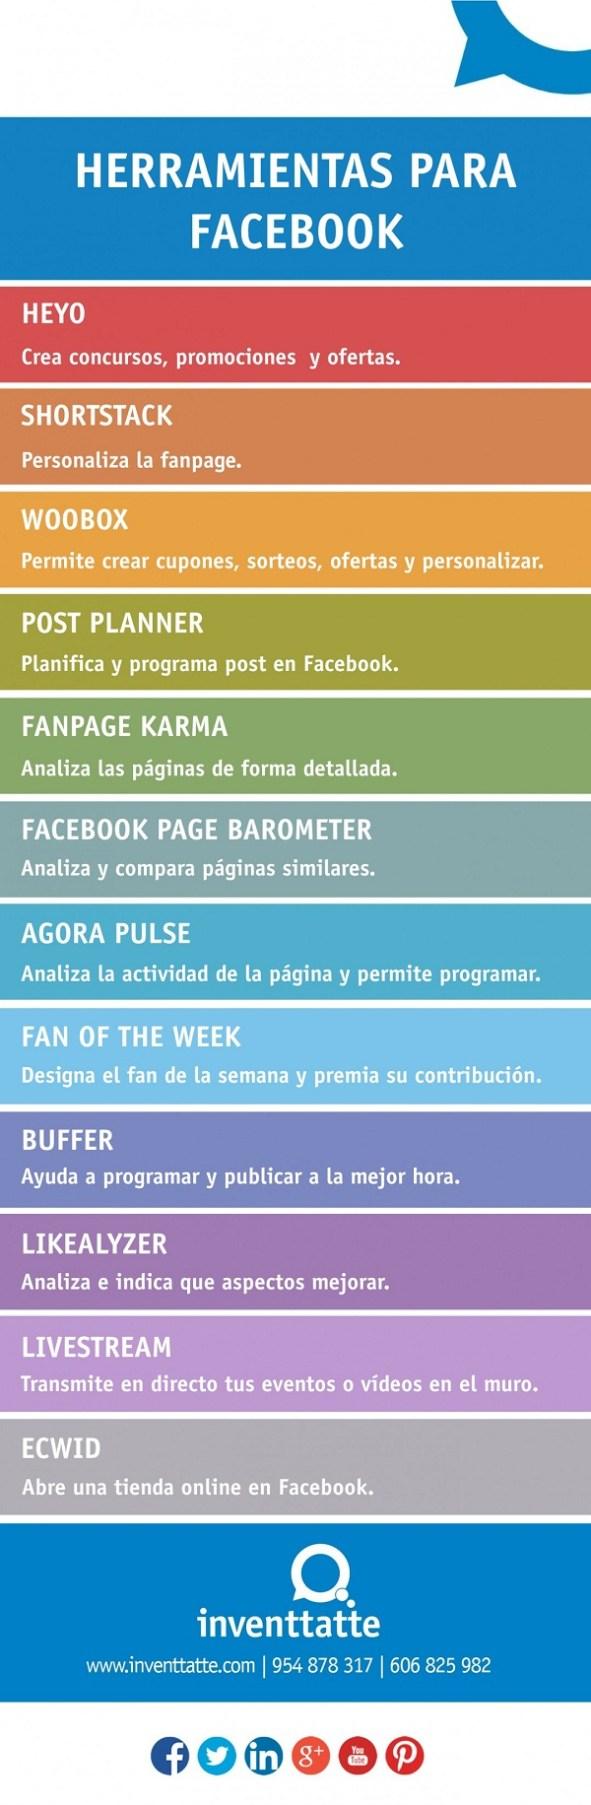 Herramientas-para-Facebook-infografía